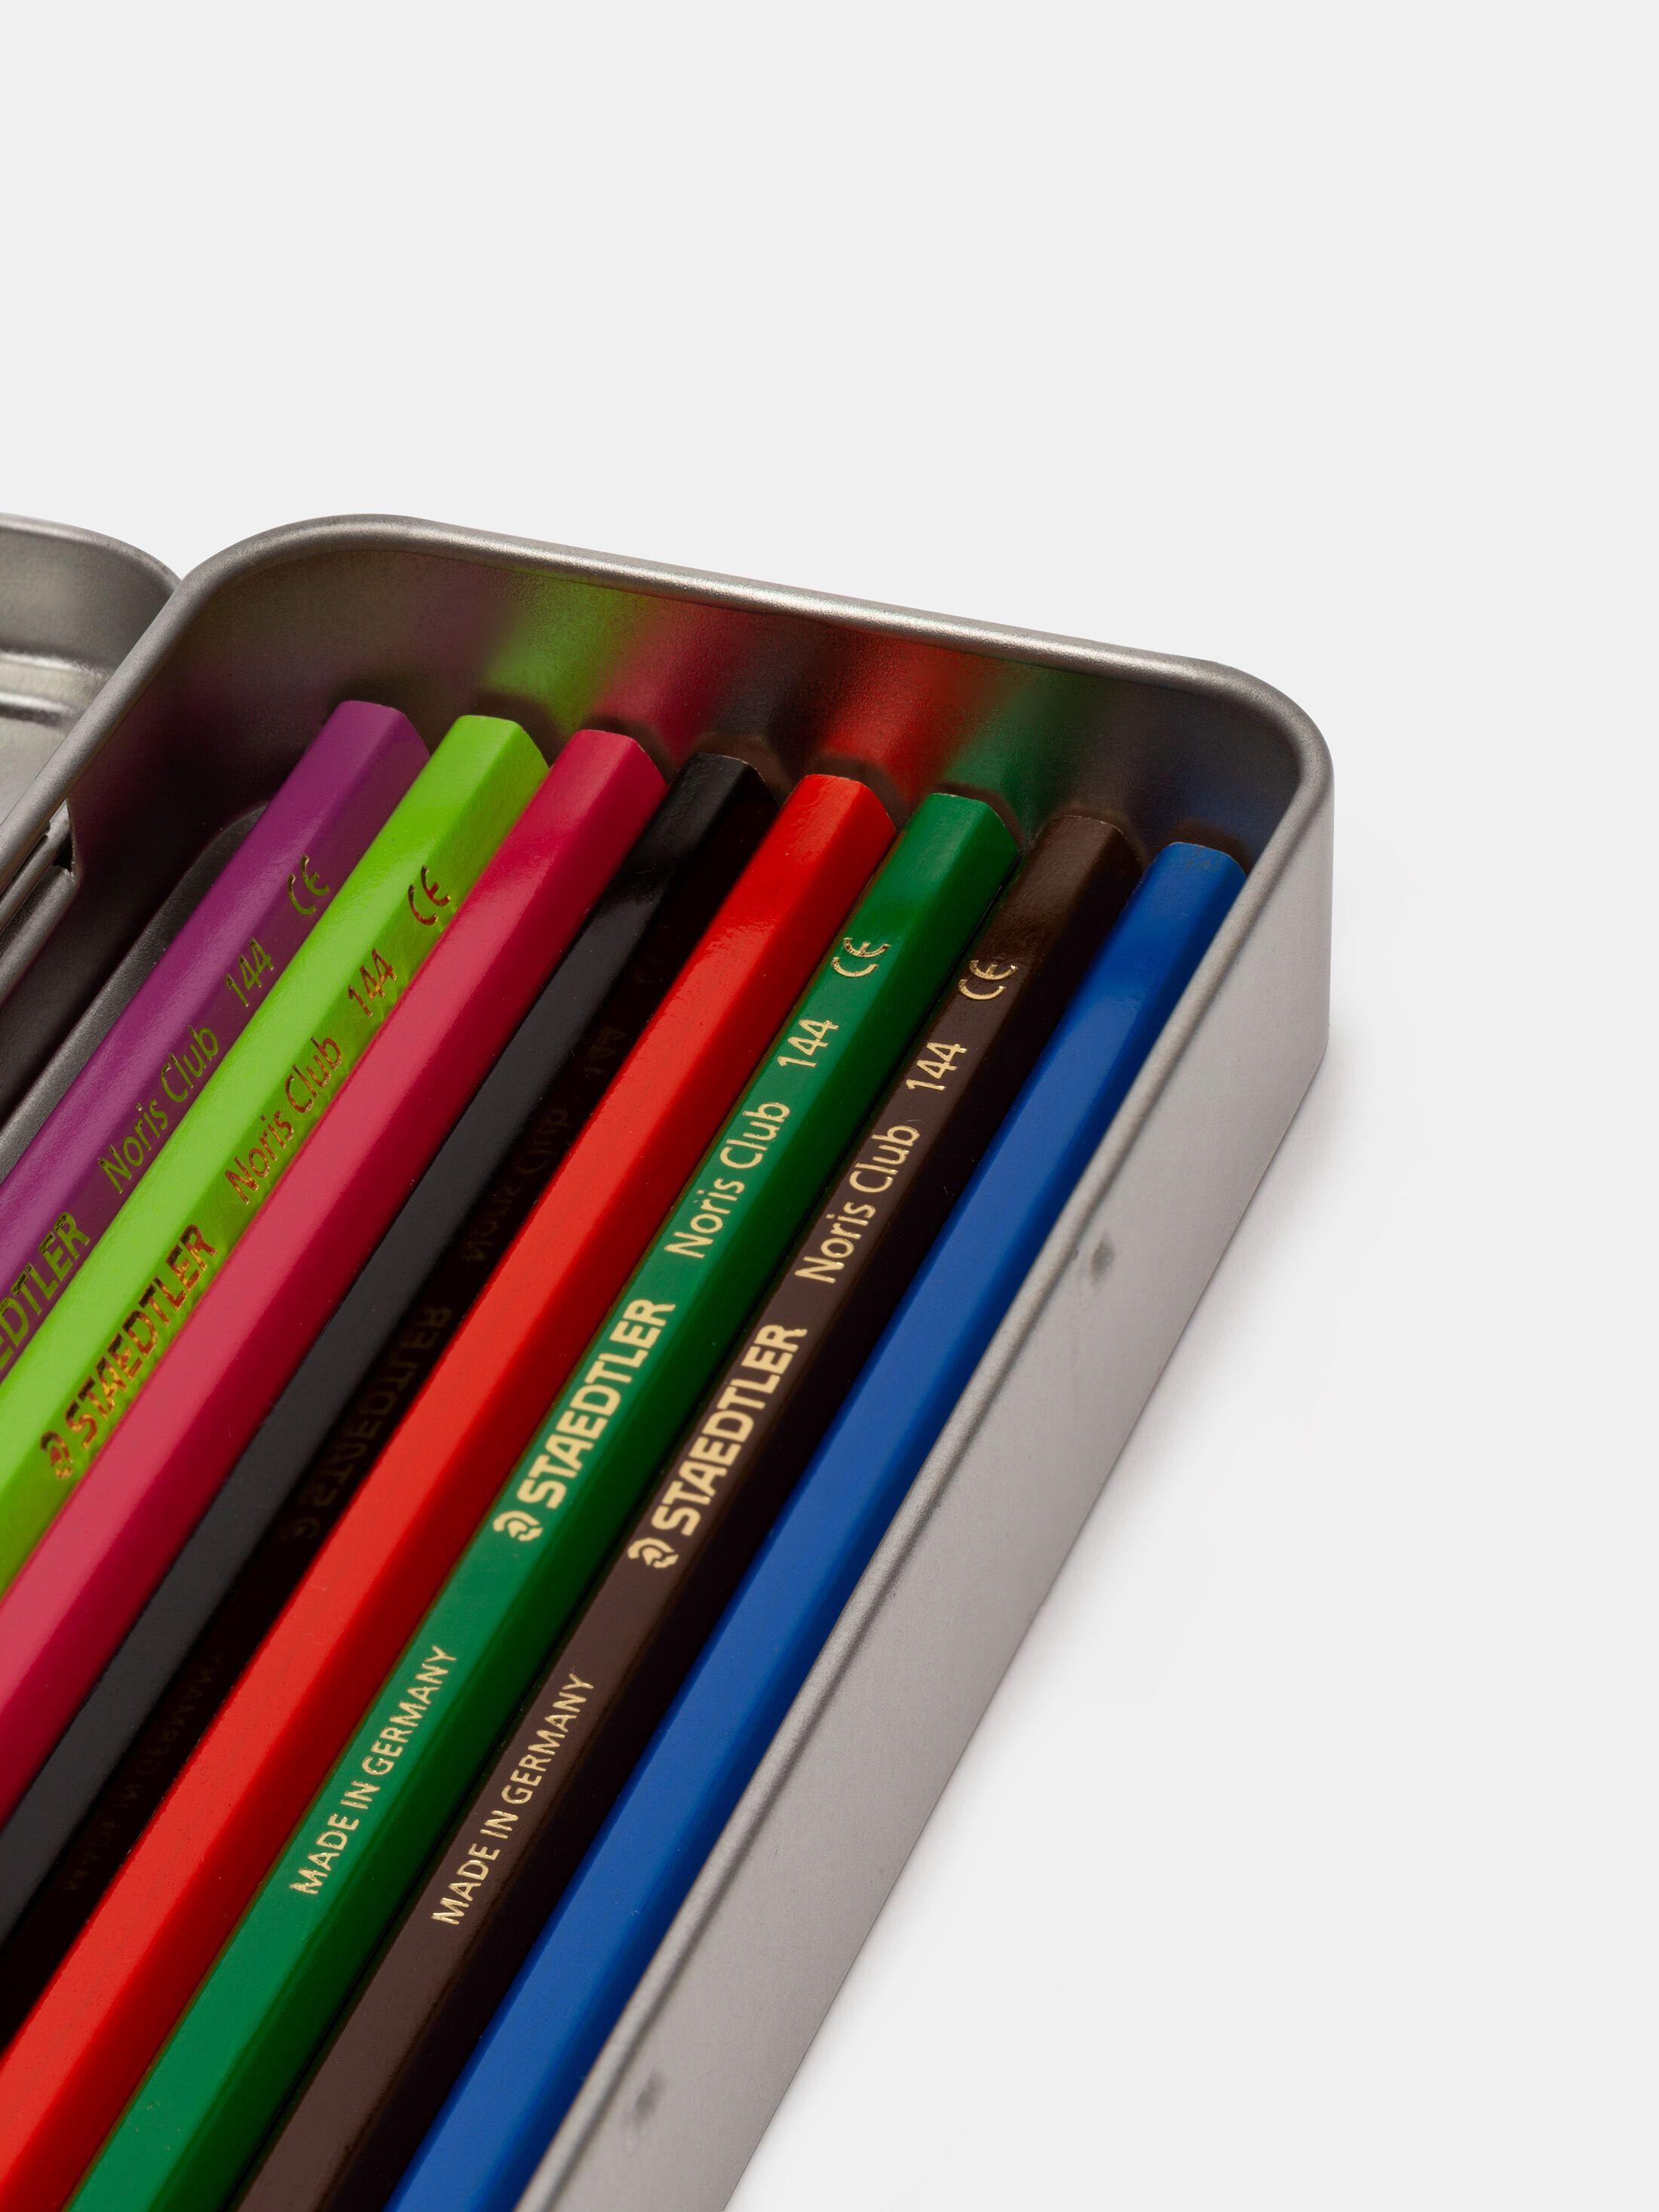 Intérieur de la boîte à stylos personnalisée